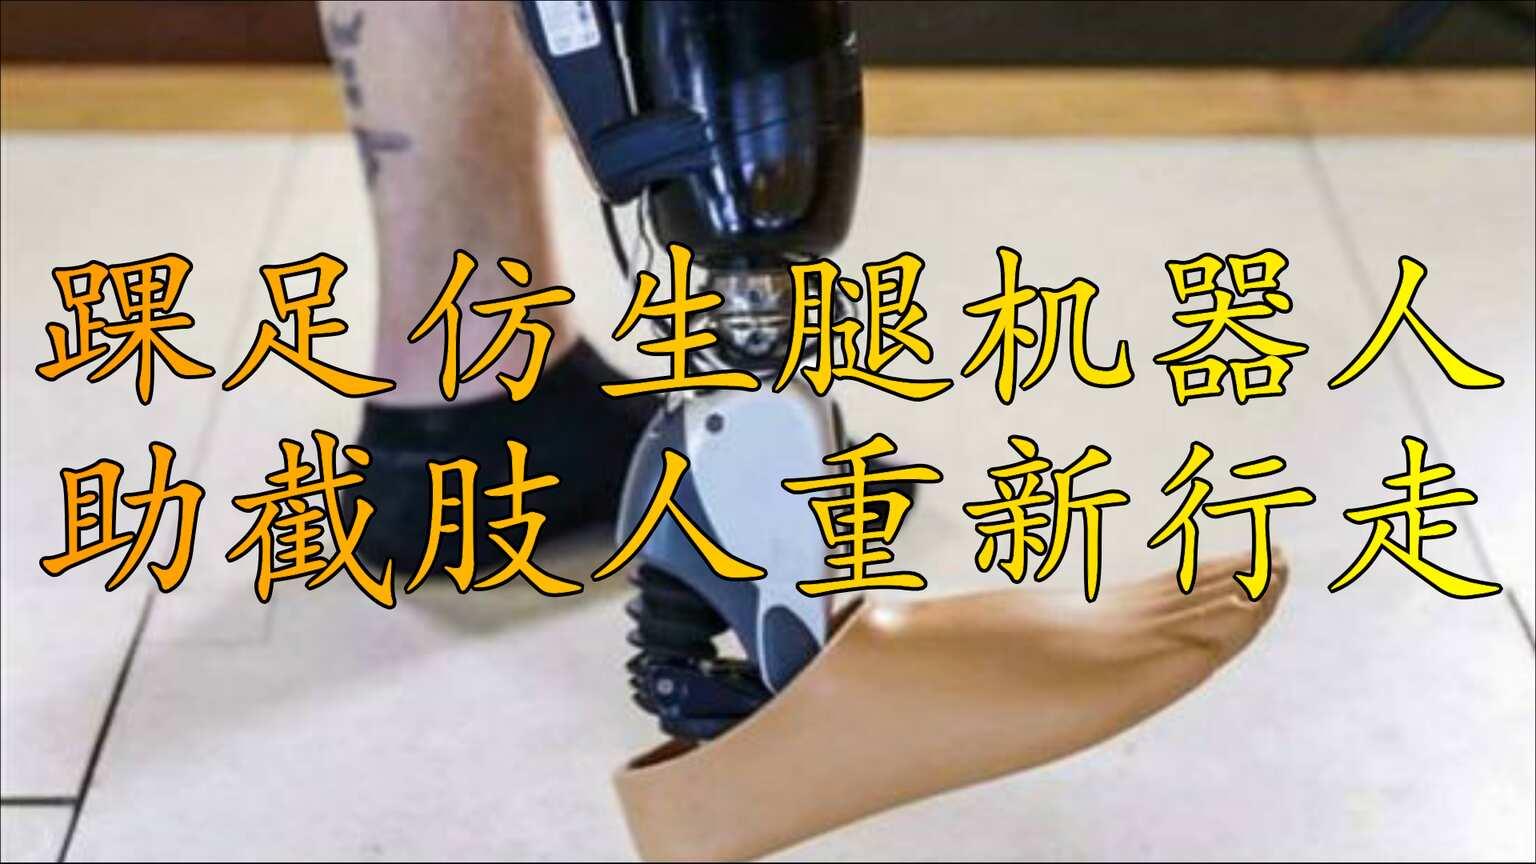 踝足仿生腿机器人系统,助截肢人重新行走